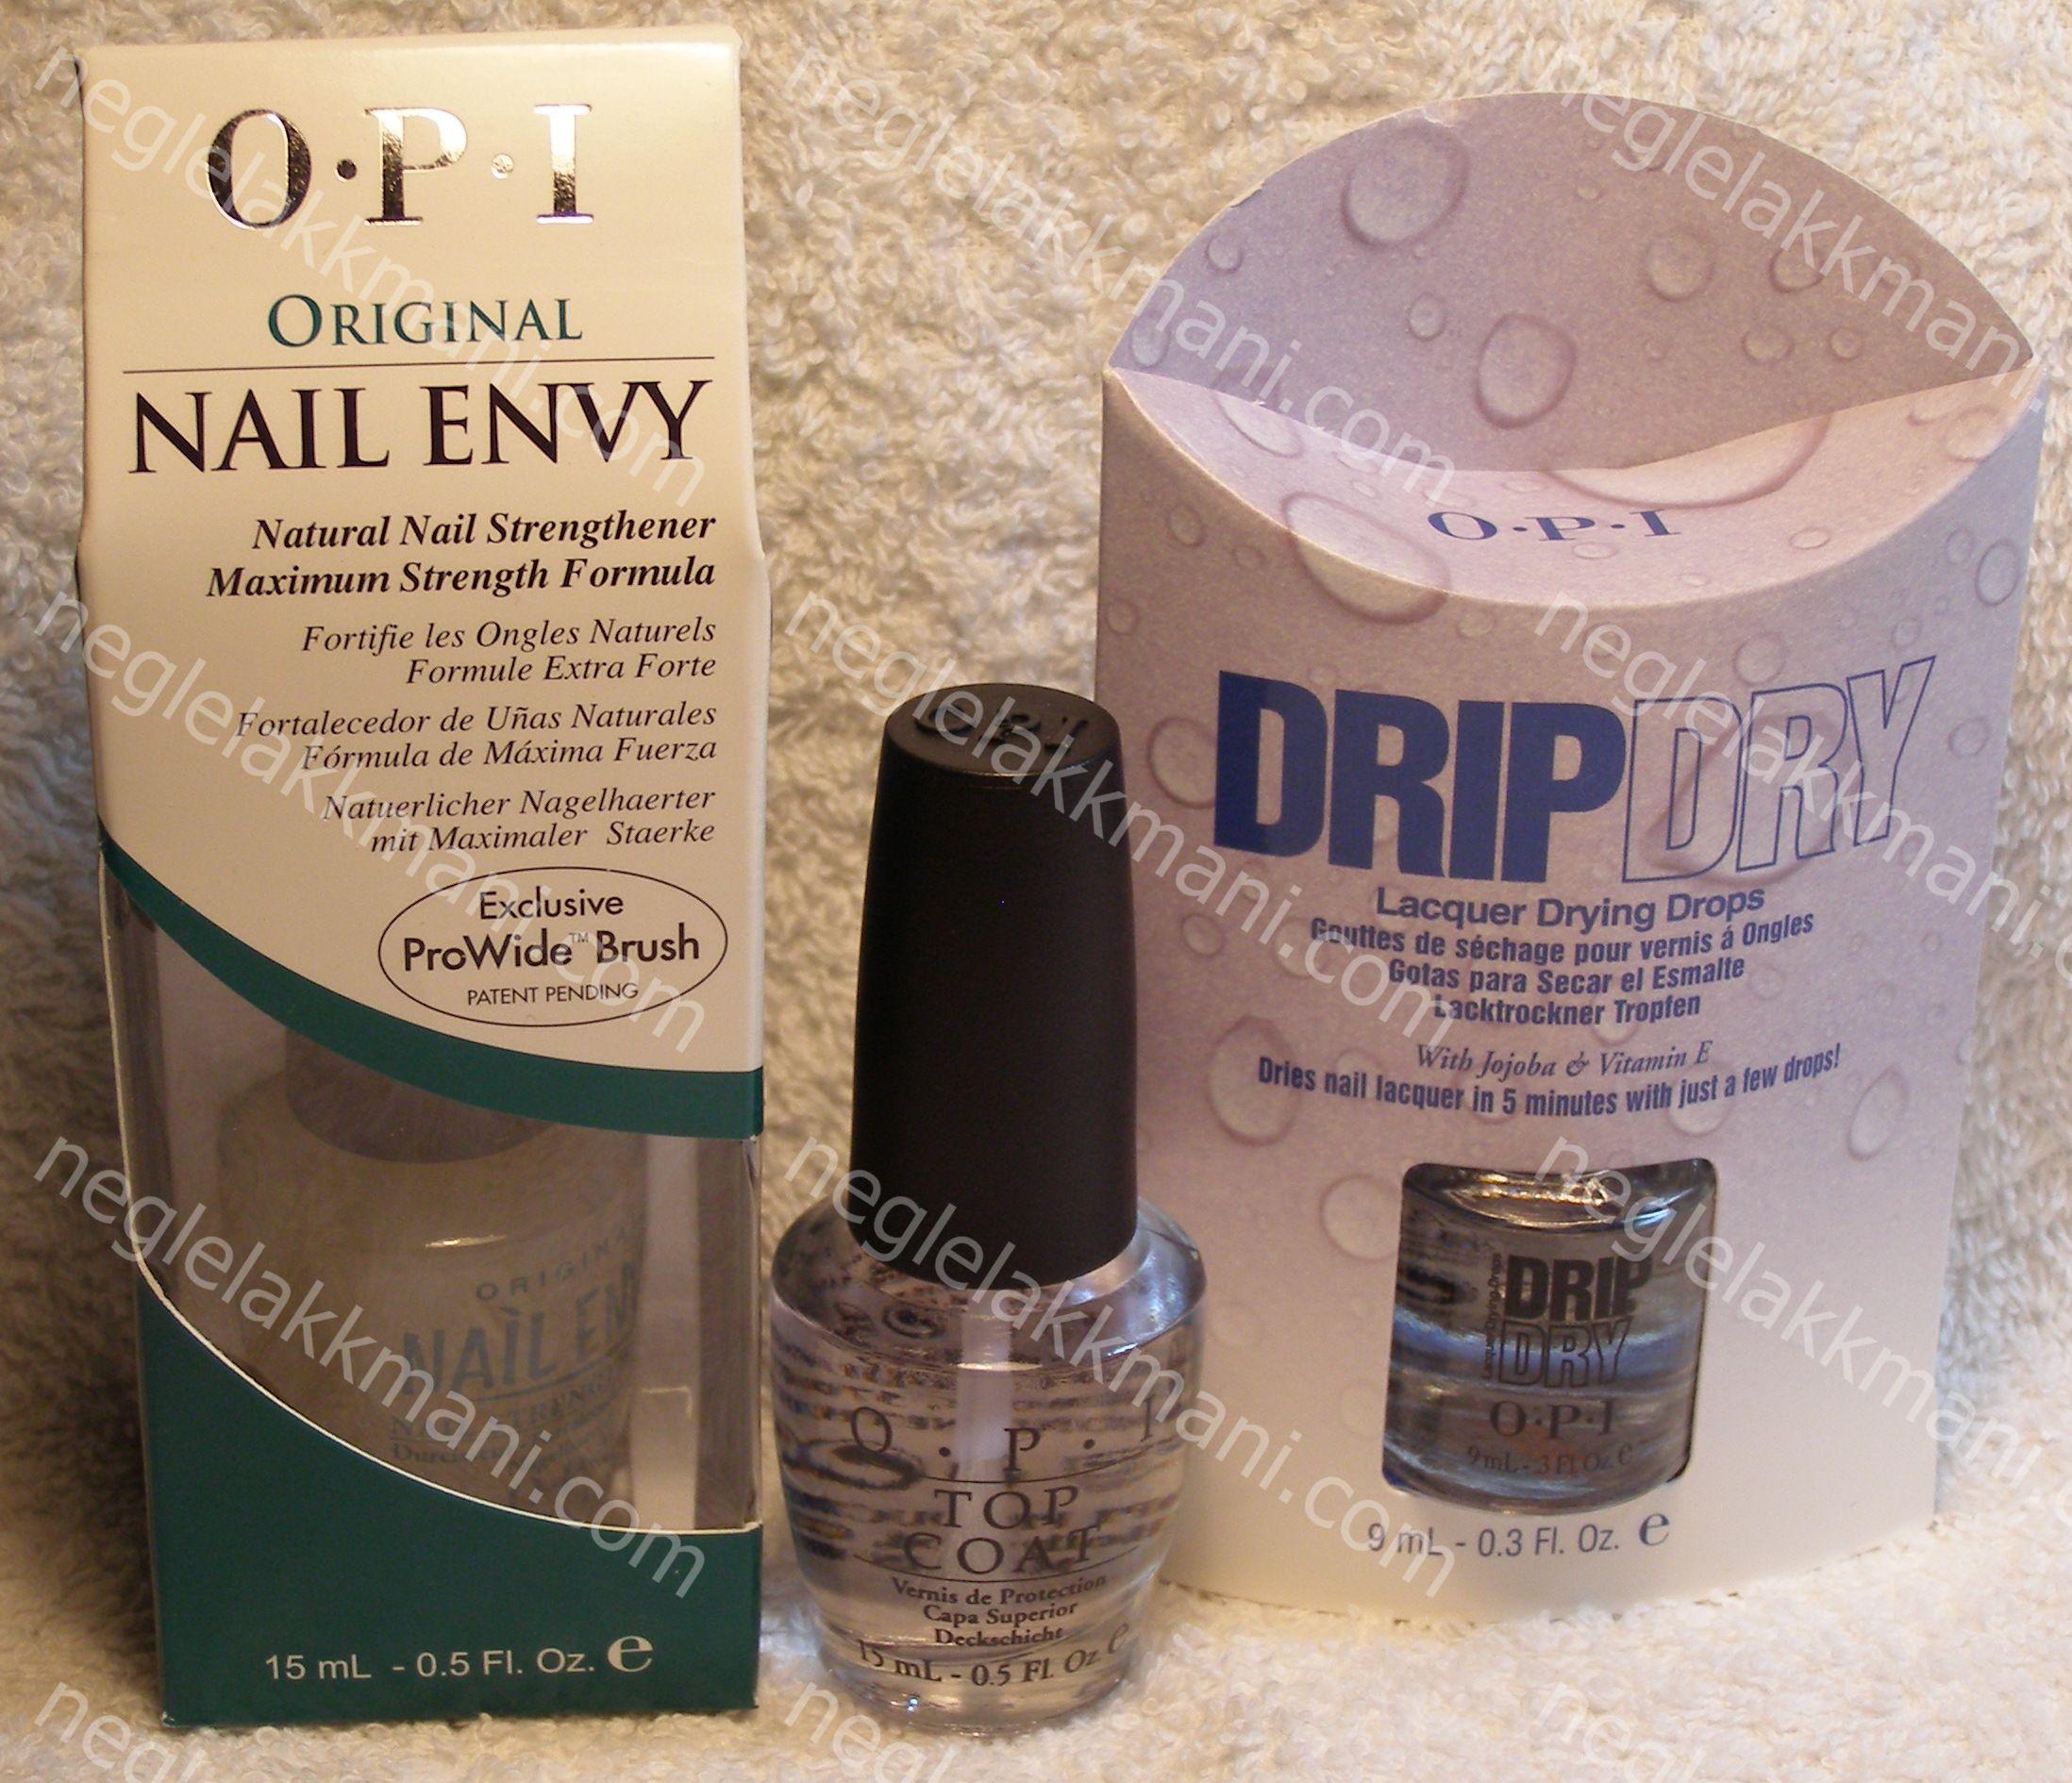 OPI Nail Envy, OPI Top Coat & OPI Drip Dry